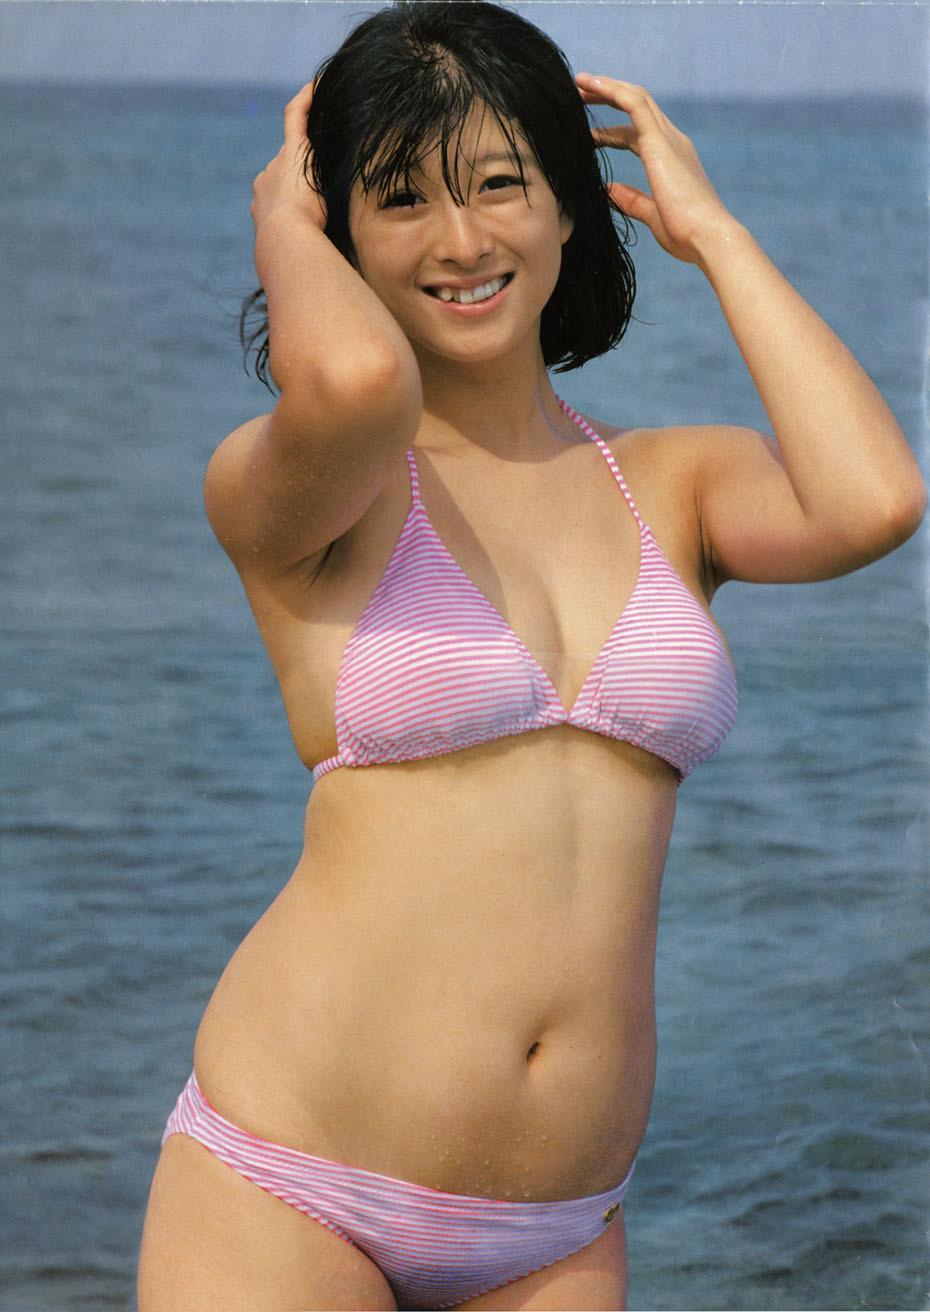 [盗撮病院]河合奈保子:水着とグラビア特集です!伝説の巨乳アイドルの懐かしオッパイ水着です!